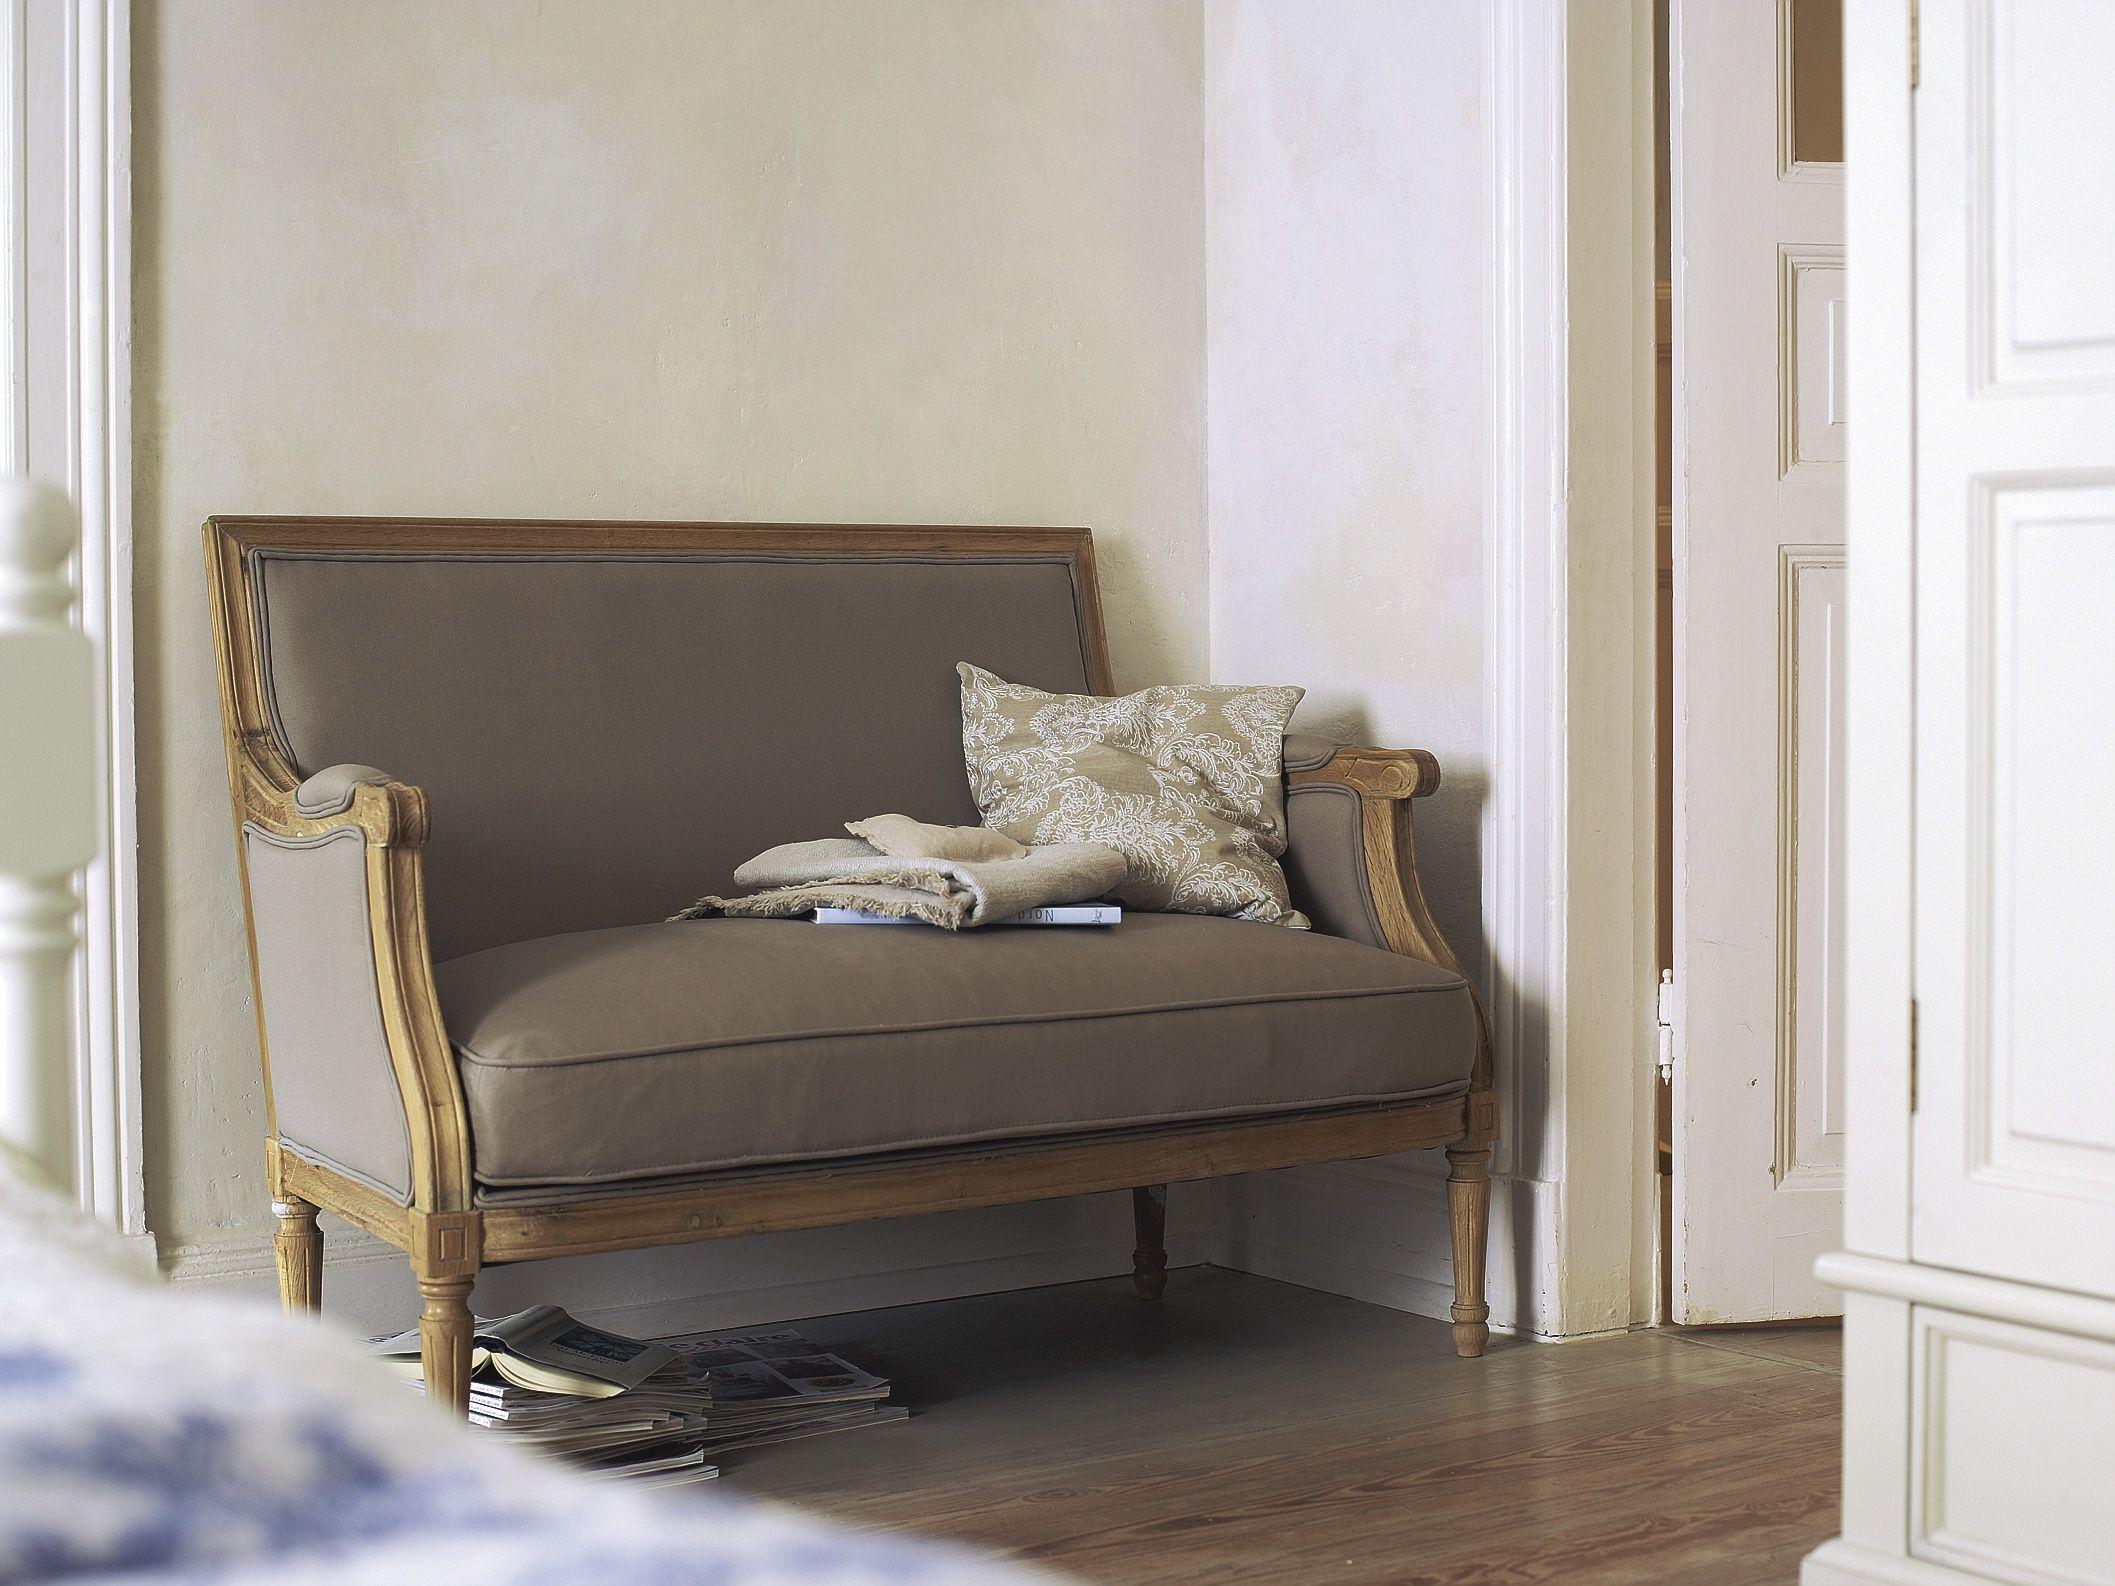 Klassischer Zweisitzer im Louis seize Stil   Octopus möbel, Zweisitzer sofa, Sofas